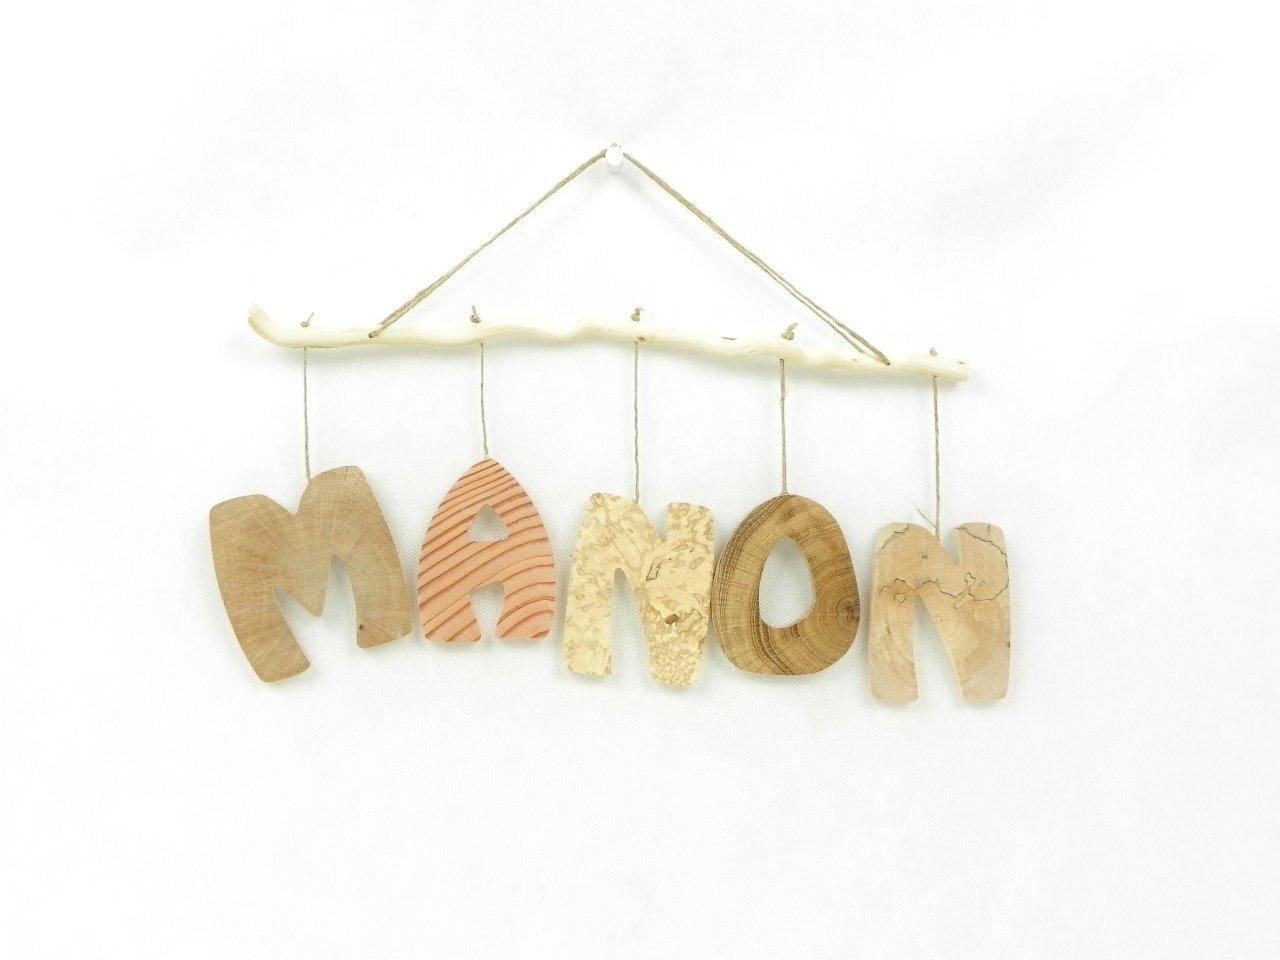 Prénom, lettres en bois, déco enfant / bébé, cadeau de naissance, mobile en bois avec prénom, fait main en bois naturel